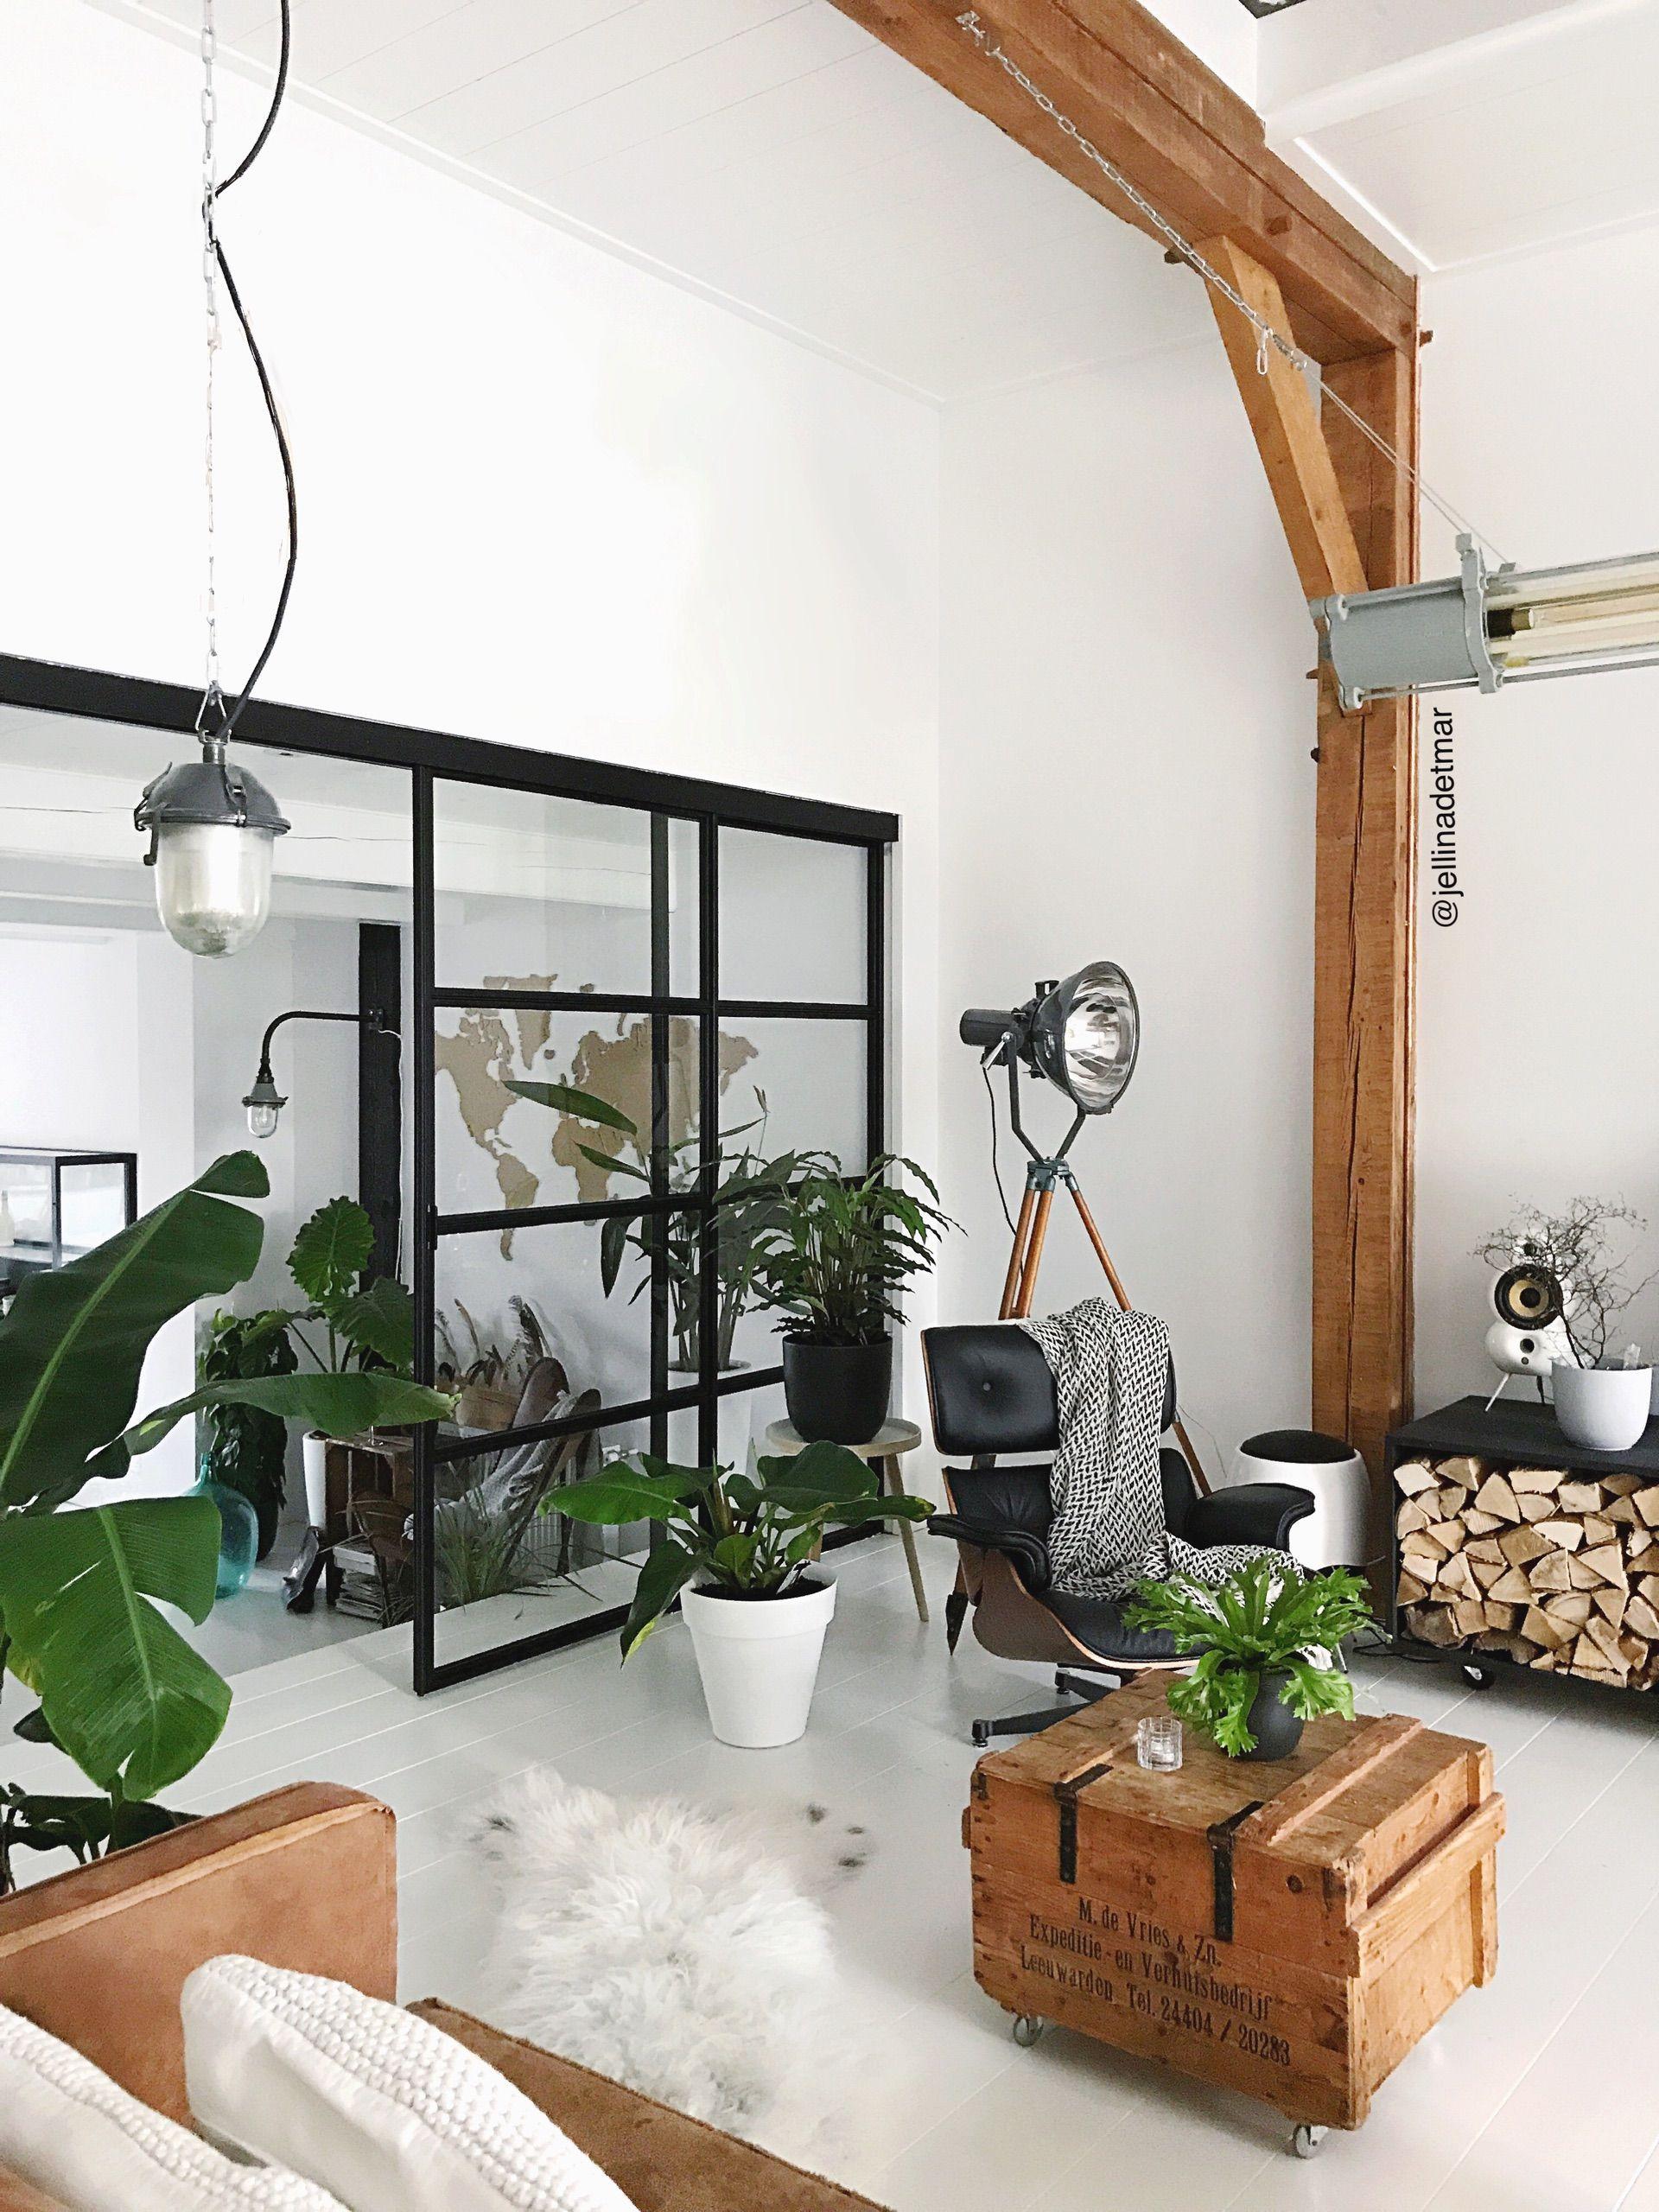 Woonkamer - Binnenkijken bij jellinadetmar | Pinterest | Wohnideen ...